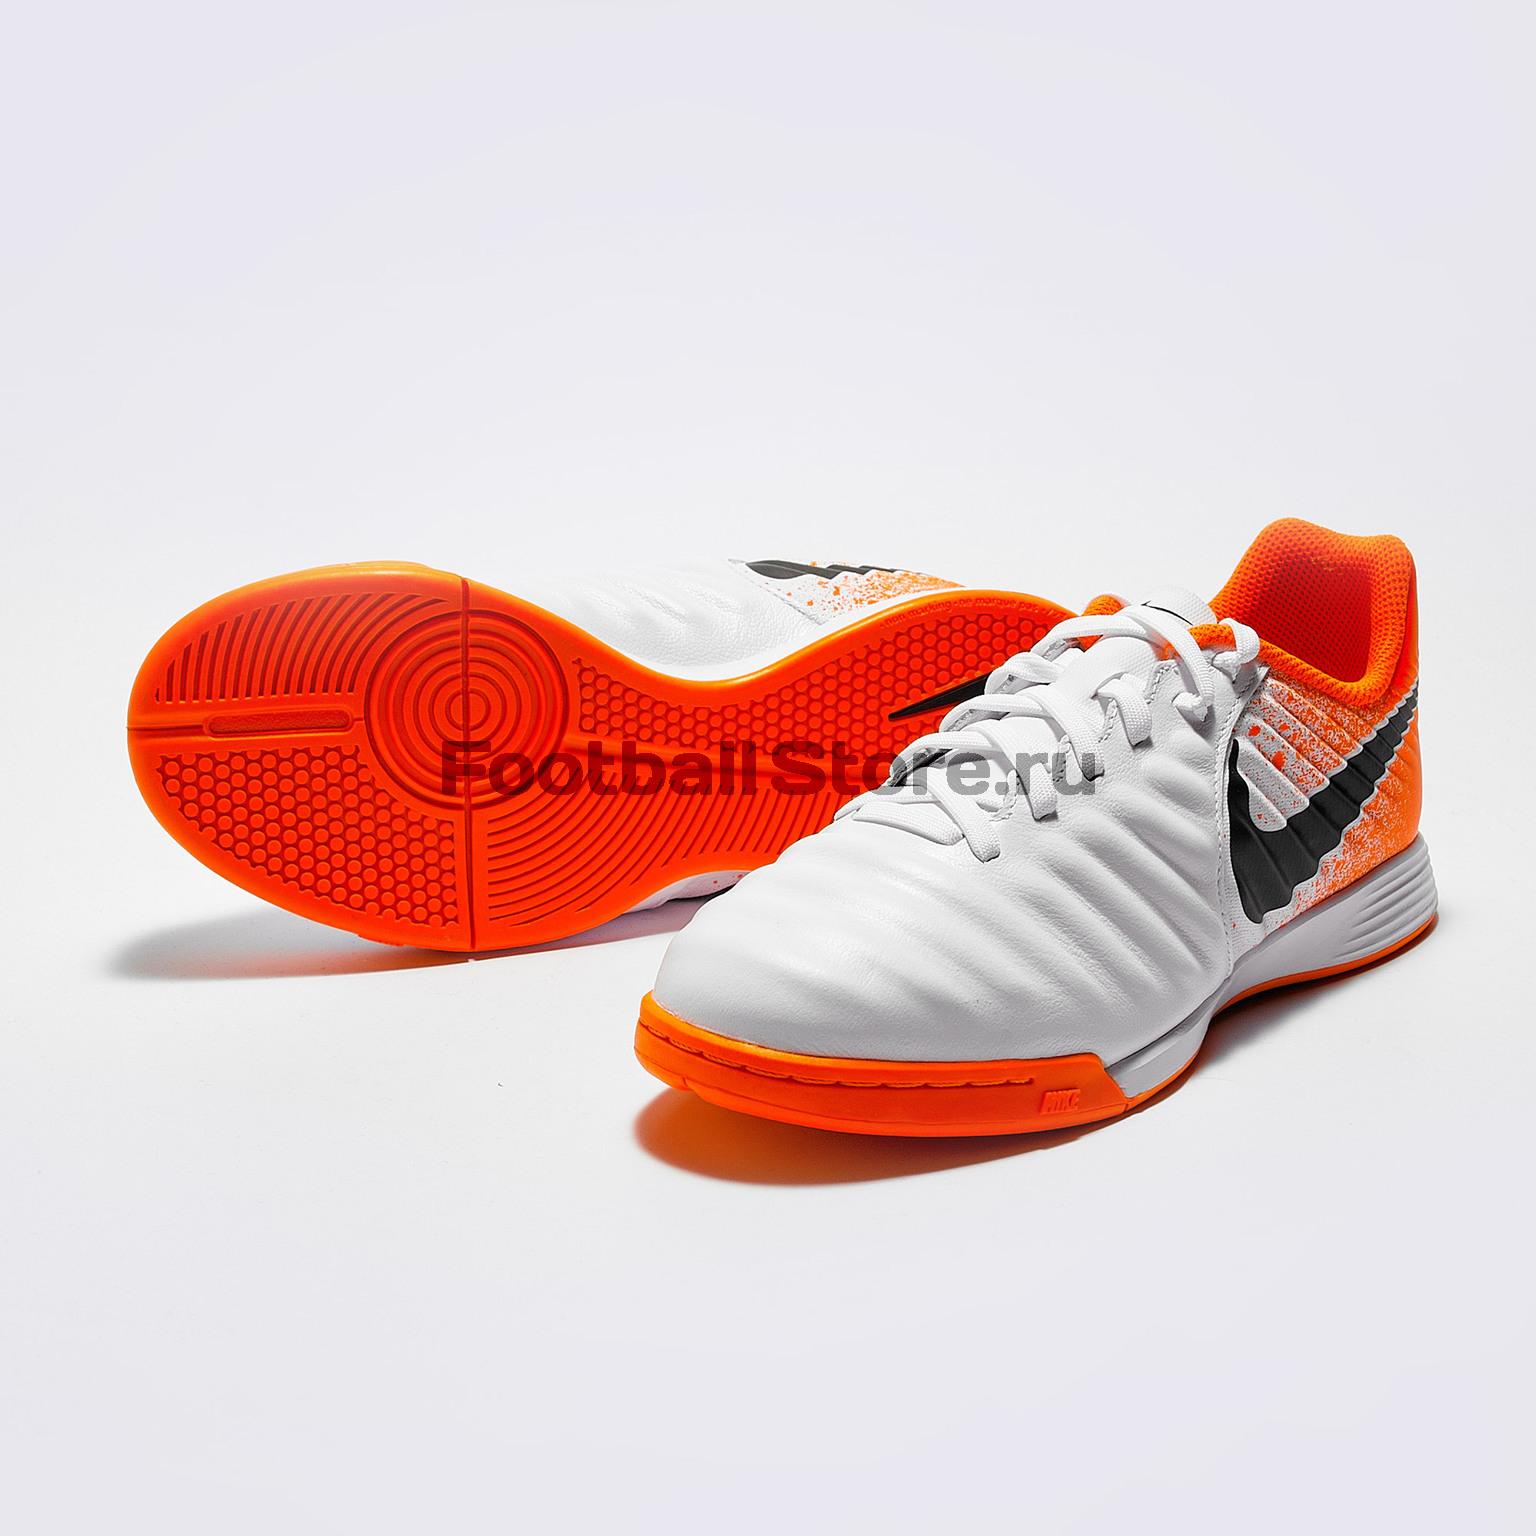 d972b0f2 Футзалки детские Nike Legend 7 Academy IC AH7257-118 футзалки детские nike  legend 7 academy